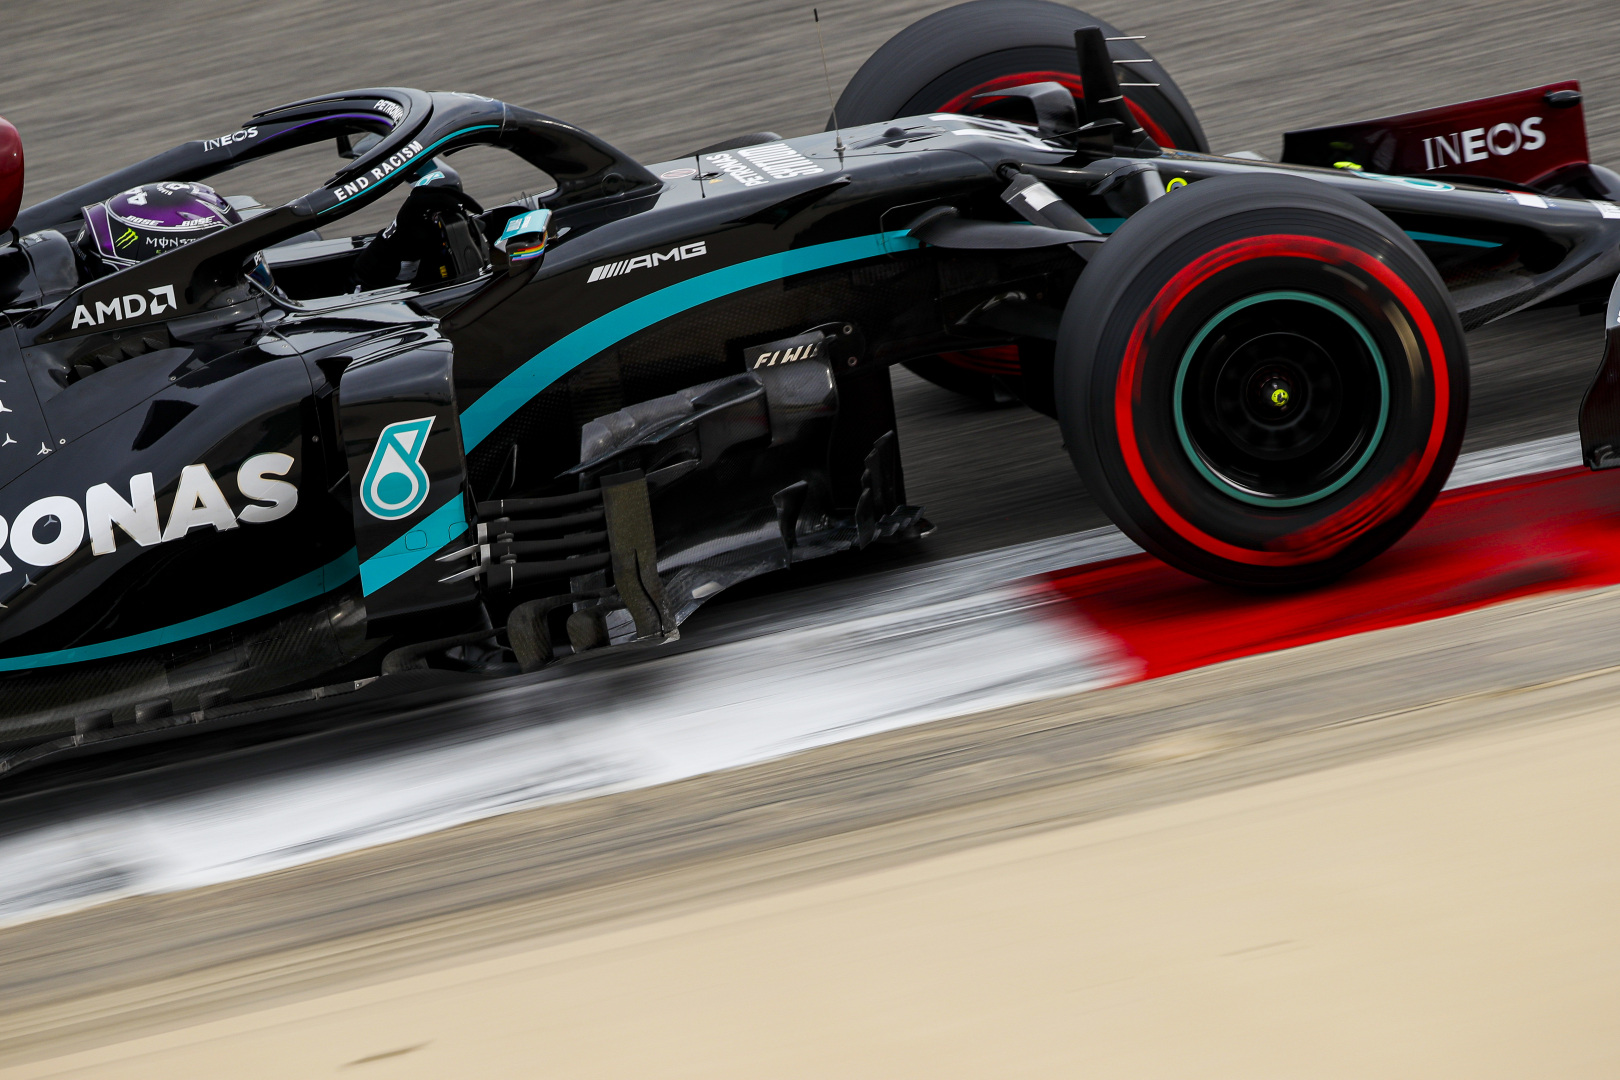 F1 - Live F1 : le Grand Prix de Bahreïn en direct [séance terminée]